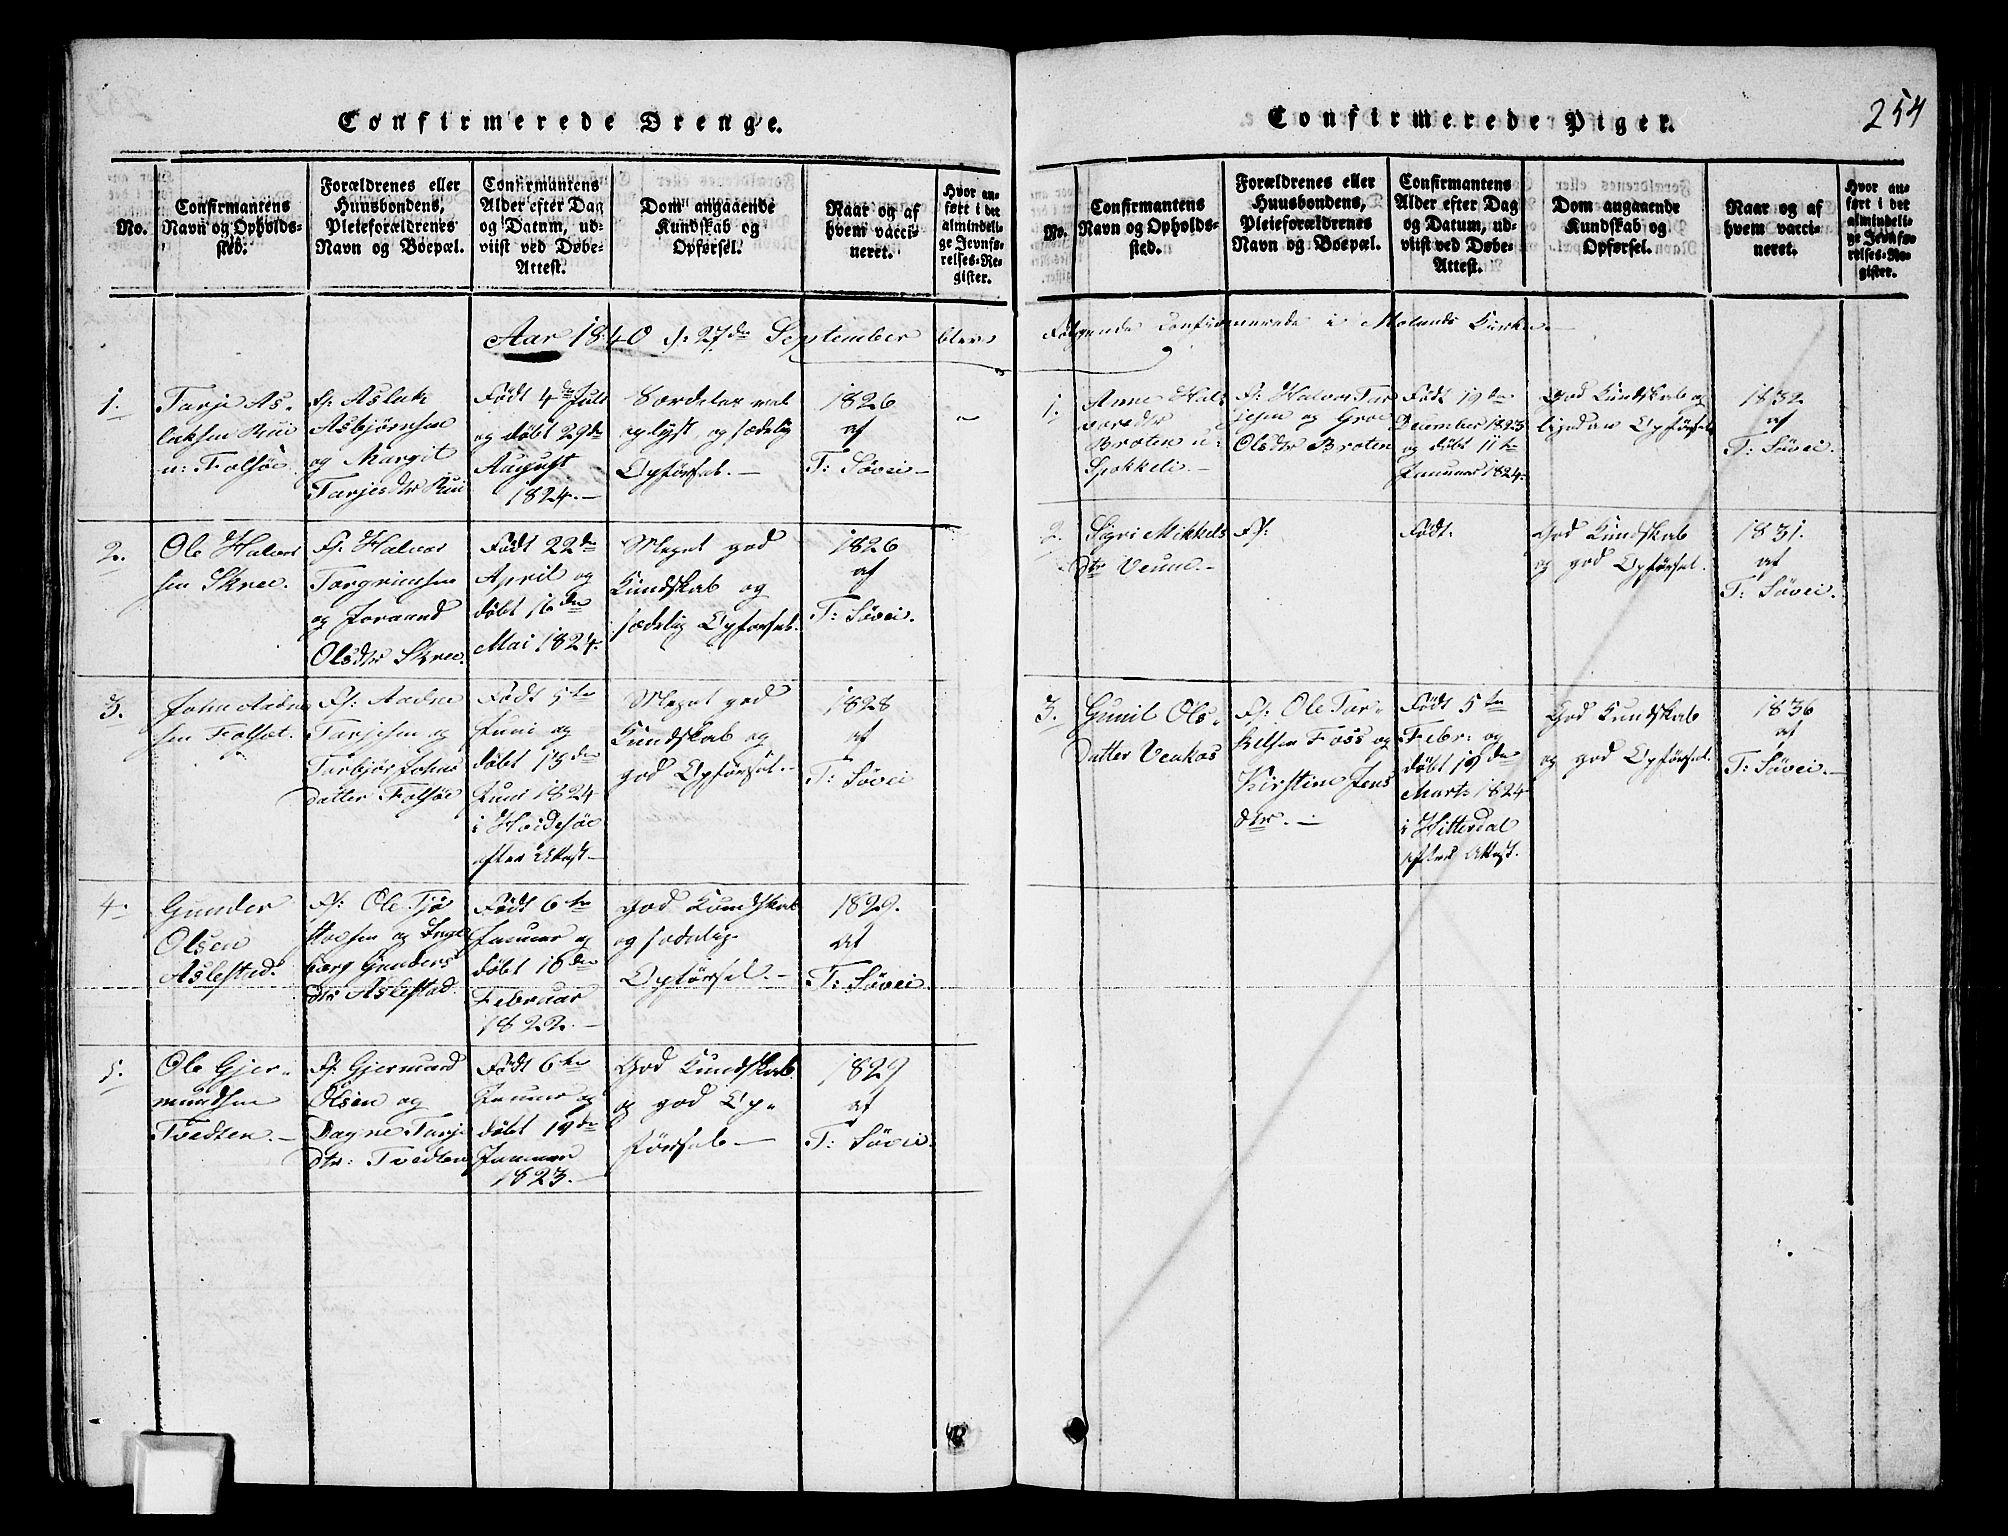 SAKO, Fyresdal kirkebøker, G/Ga/L0003: Klokkerbok nr. I 3, 1815-1863, s. 254